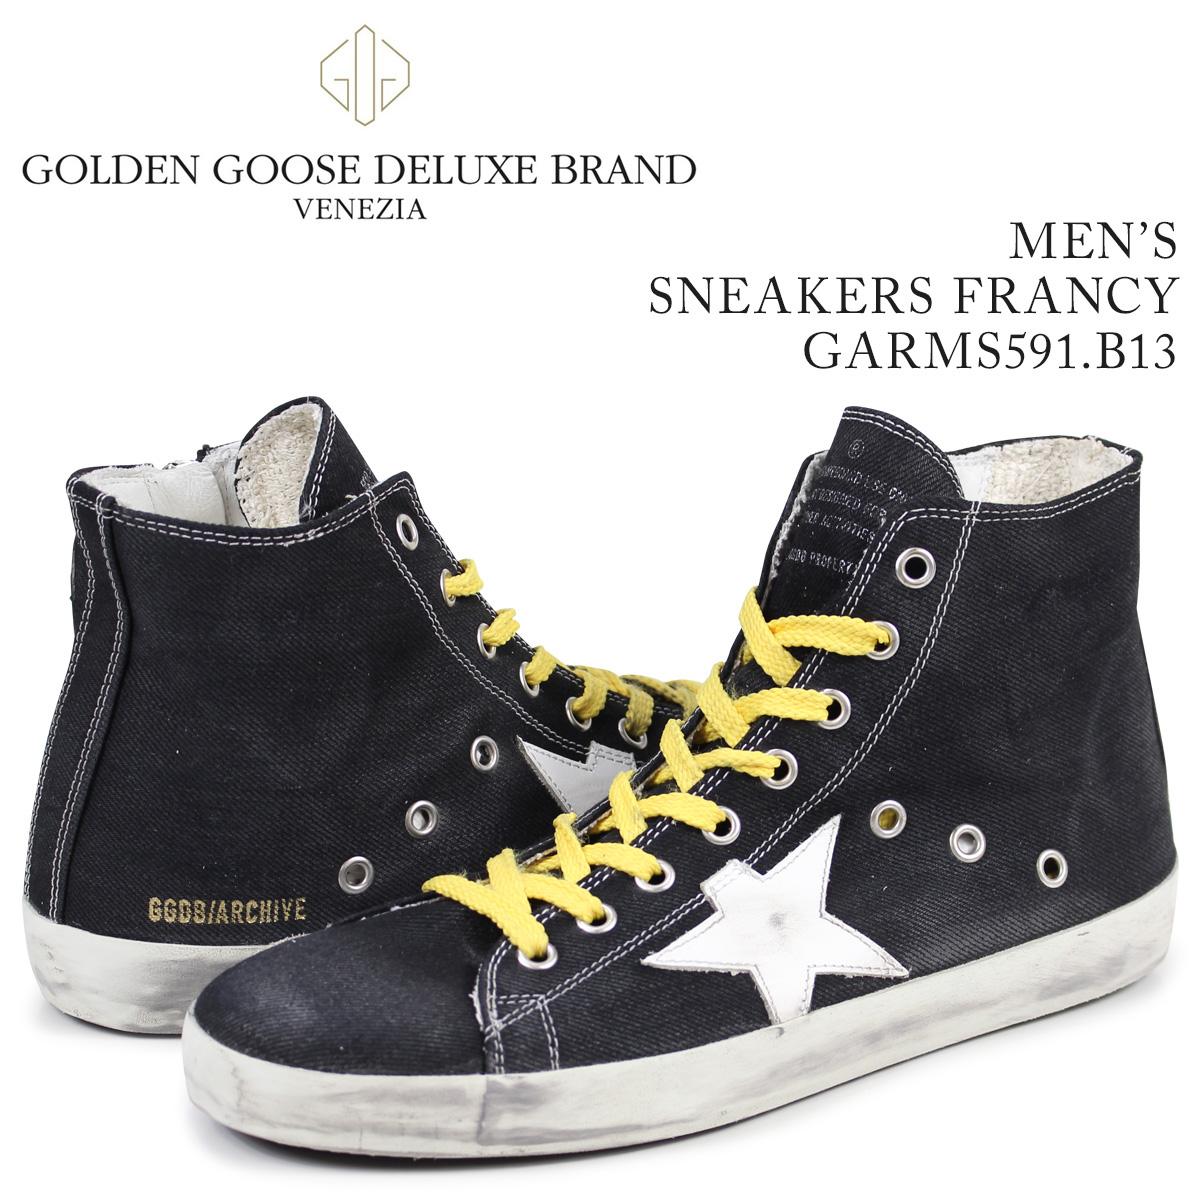 ゴールデングース Golden Goose スニーカー メンズ フランシー SNEAKERS FRANCY ブルー GARMS591 B13